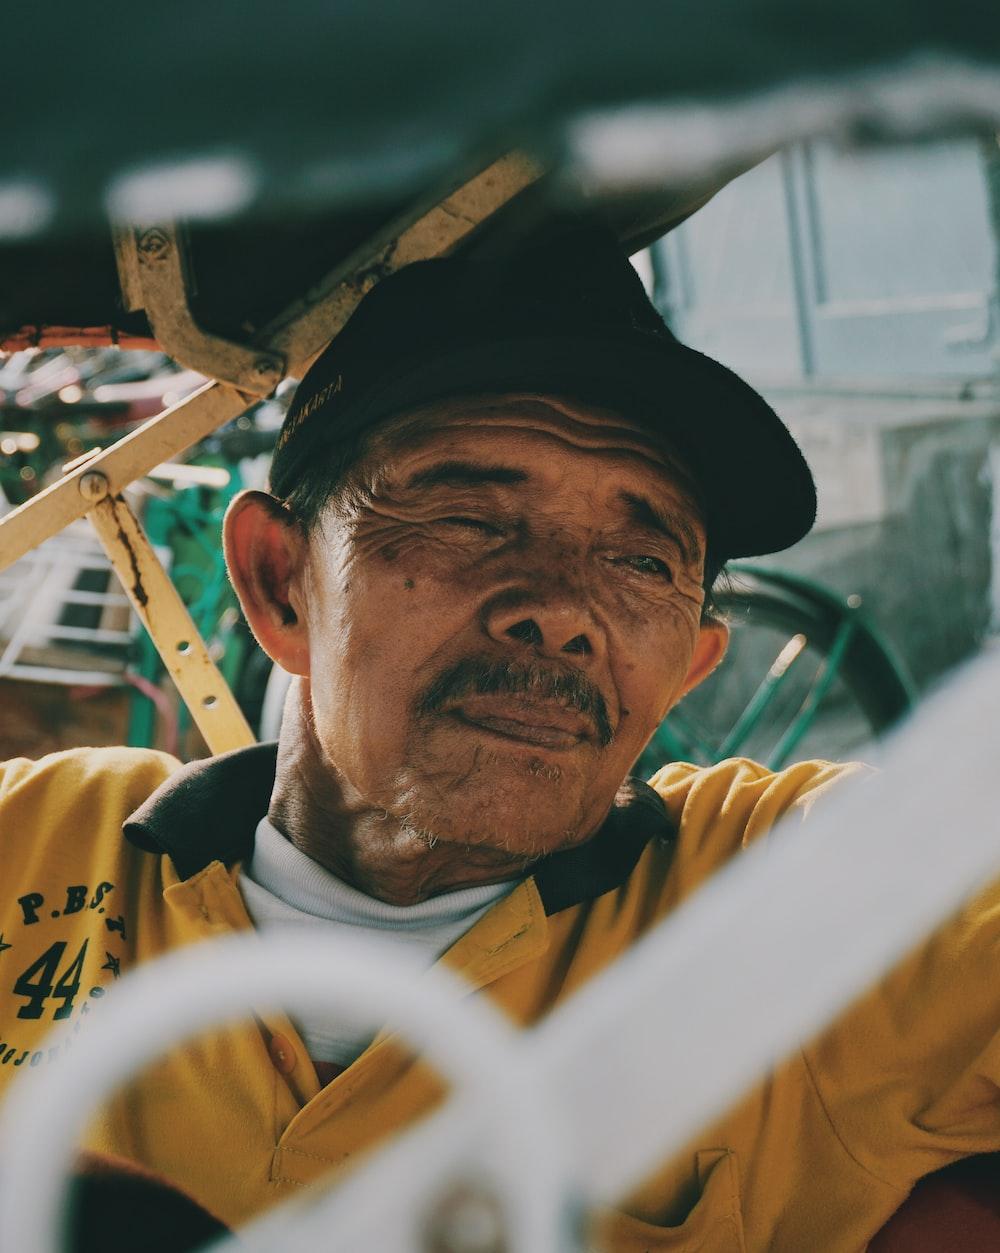 man sitting inside a sidecar